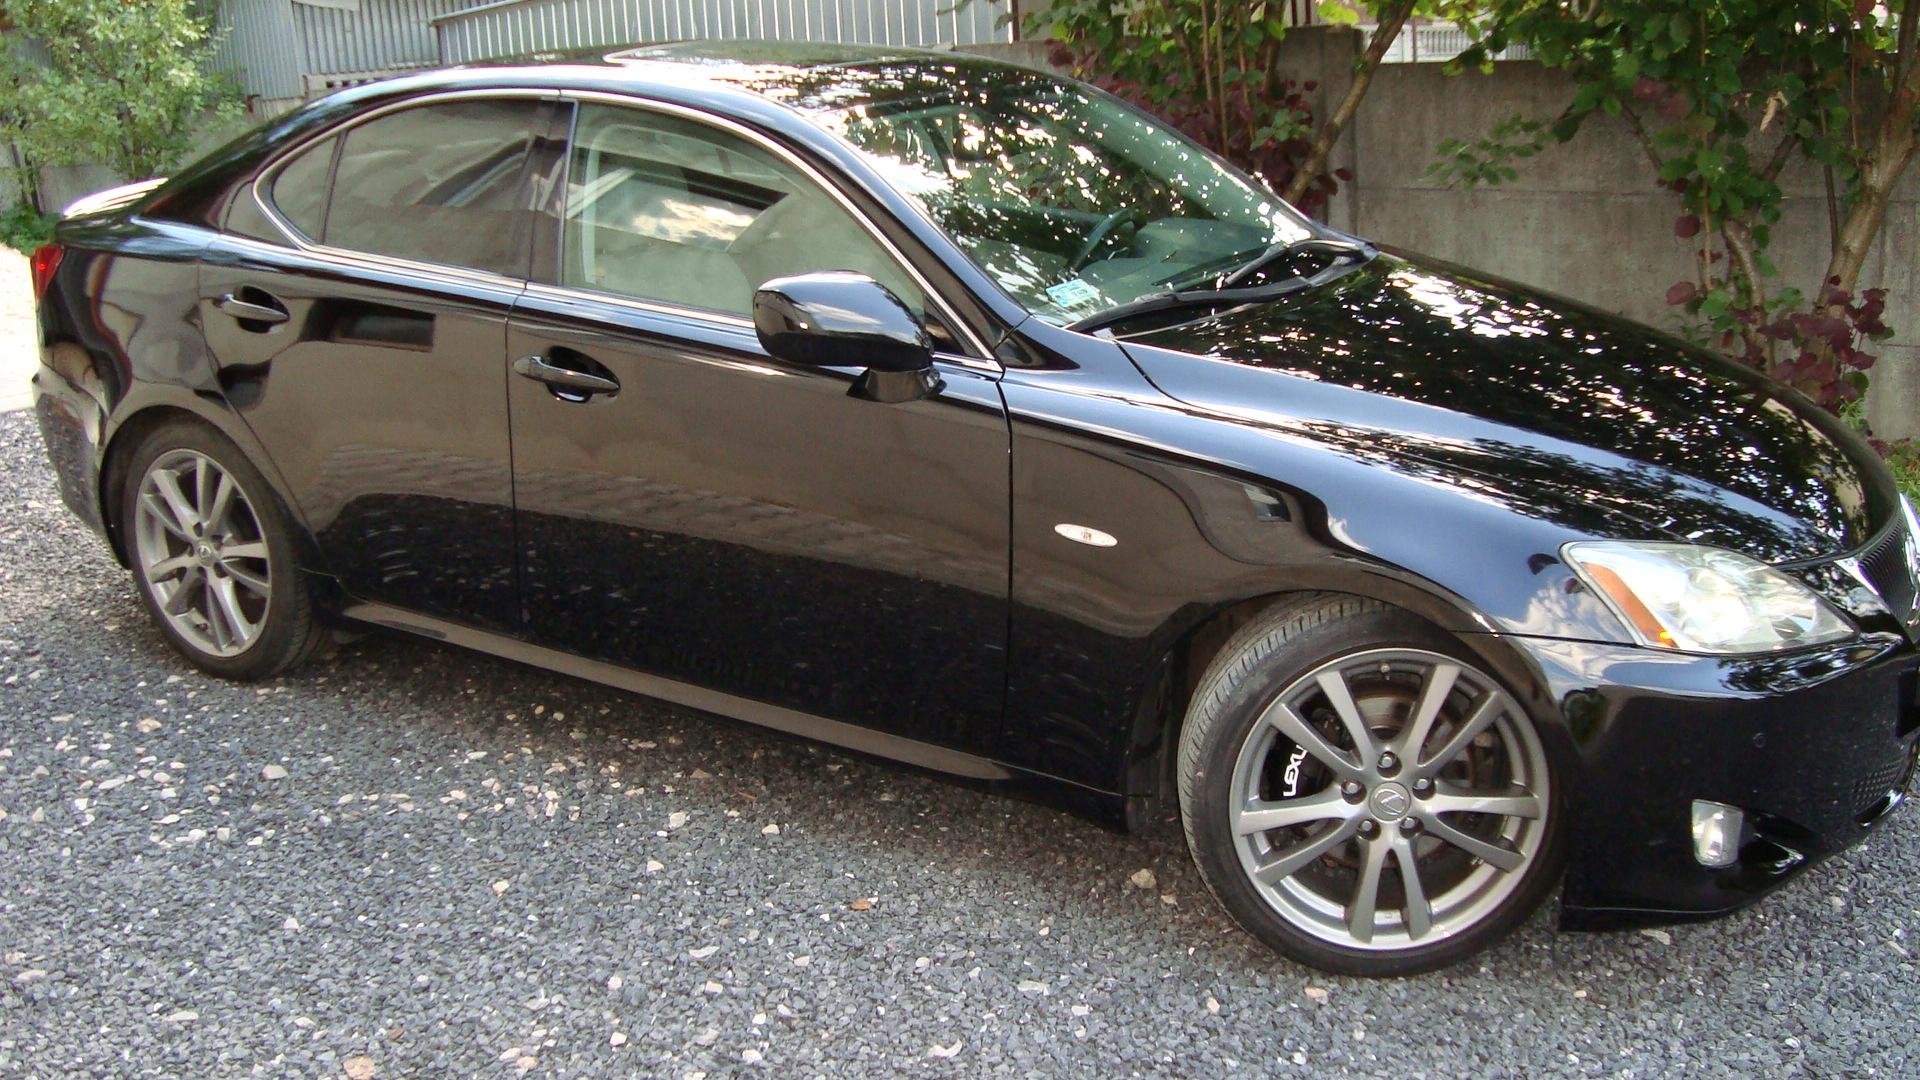 b4c70967cc lexus is250 prestige do poprawek lakierniczych - 7444503070 ...